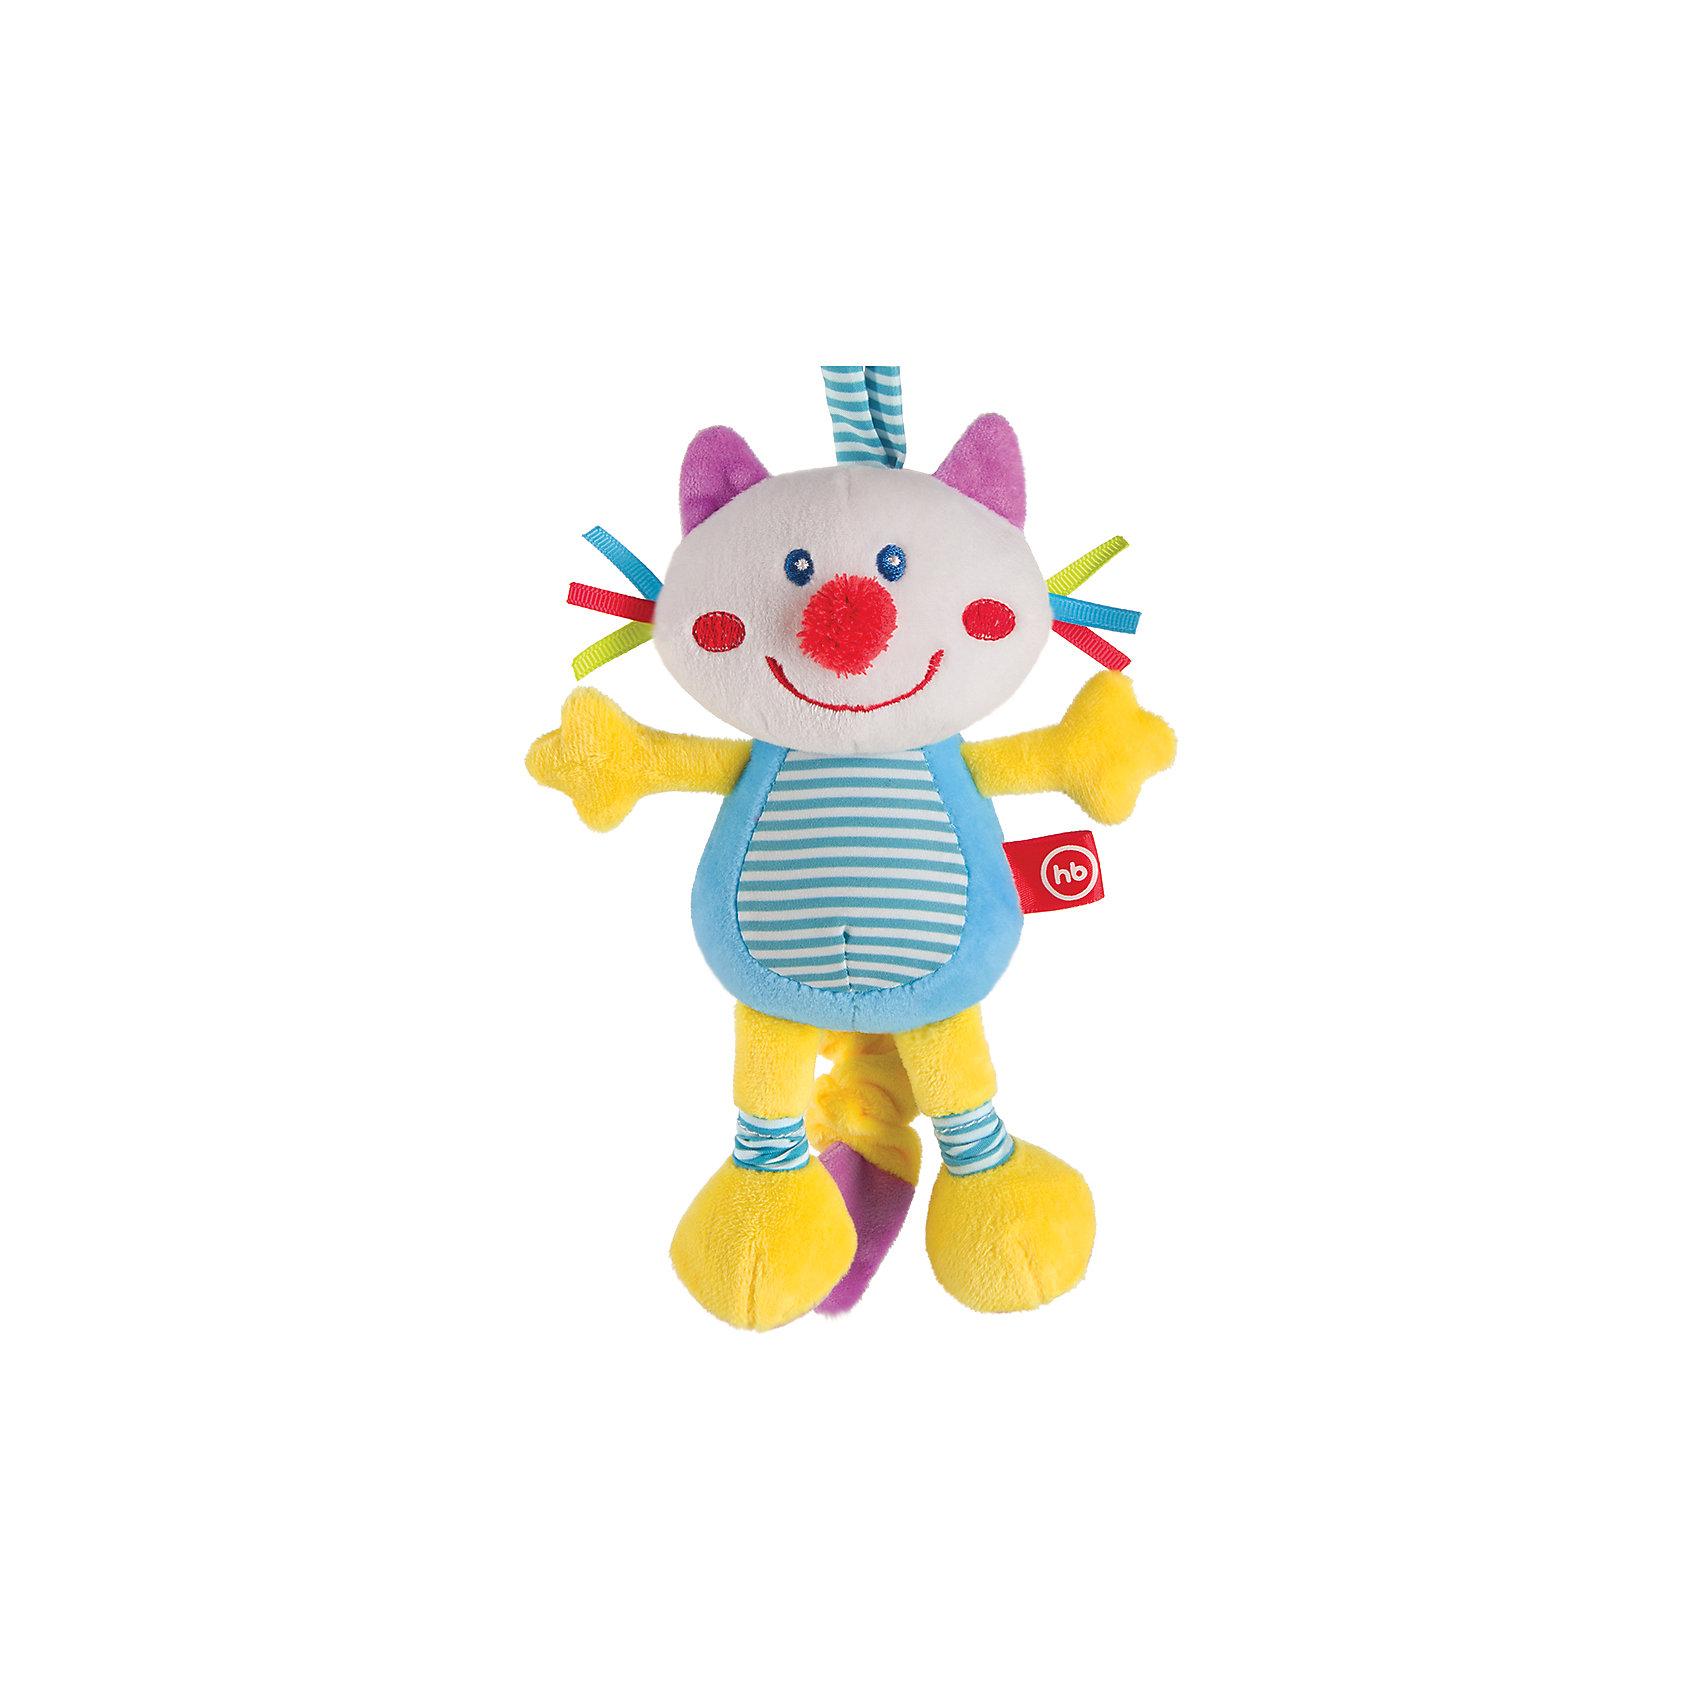 Игрушка мягконабивная Frisky Kitty, Happy babyМягкие игрушки-кошки<br>Характеристики:<br><br>• Вид игр: развивающие, обучающие<br>• Материал: полиэстер, хлопок<br>• Тип крепления: завязки<br>• Наличие звуковых, шумовых эффектов<br>• Наличие вибрации<br>• Вес: 157 г<br>• Параметры (Д*Ш*В): 8*19*33,5 см <br>• Особенности ухода: влажная и сухая чистка<br><br>Игрушка мягконабивная Frisky Kitty, Happy baby выполнена в виде веселого котика, у которого хвостик умеет расправляться и собираться по типу пружинки. Для этого достаточно потянуть за хвостик, он вытянется, а при возвращении к исходной длине игрушка вибрирует. Котик состоит из элементов разного цвета, фактуры и с различными звуковыми эффектами. Игры с такой игрушкой будут способствовать зрительному и слуховому восприятию, координации движений, будут развивать мелкую моторику рук и эмоциональную сферу ребенка.   <br><br>Игрушку мягконабивную Frisky Kitty, Happy baby можно купить в нашем интернет-магазине.<br><br>Ширина мм: 80<br>Глубина мм: 190<br>Высота мм: 335<br>Вес г: 157<br>Возраст от месяцев: 0<br>Возраст до месяцев: 18<br>Пол: Унисекс<br>Возраст: Детский<br>SKU: 5621714